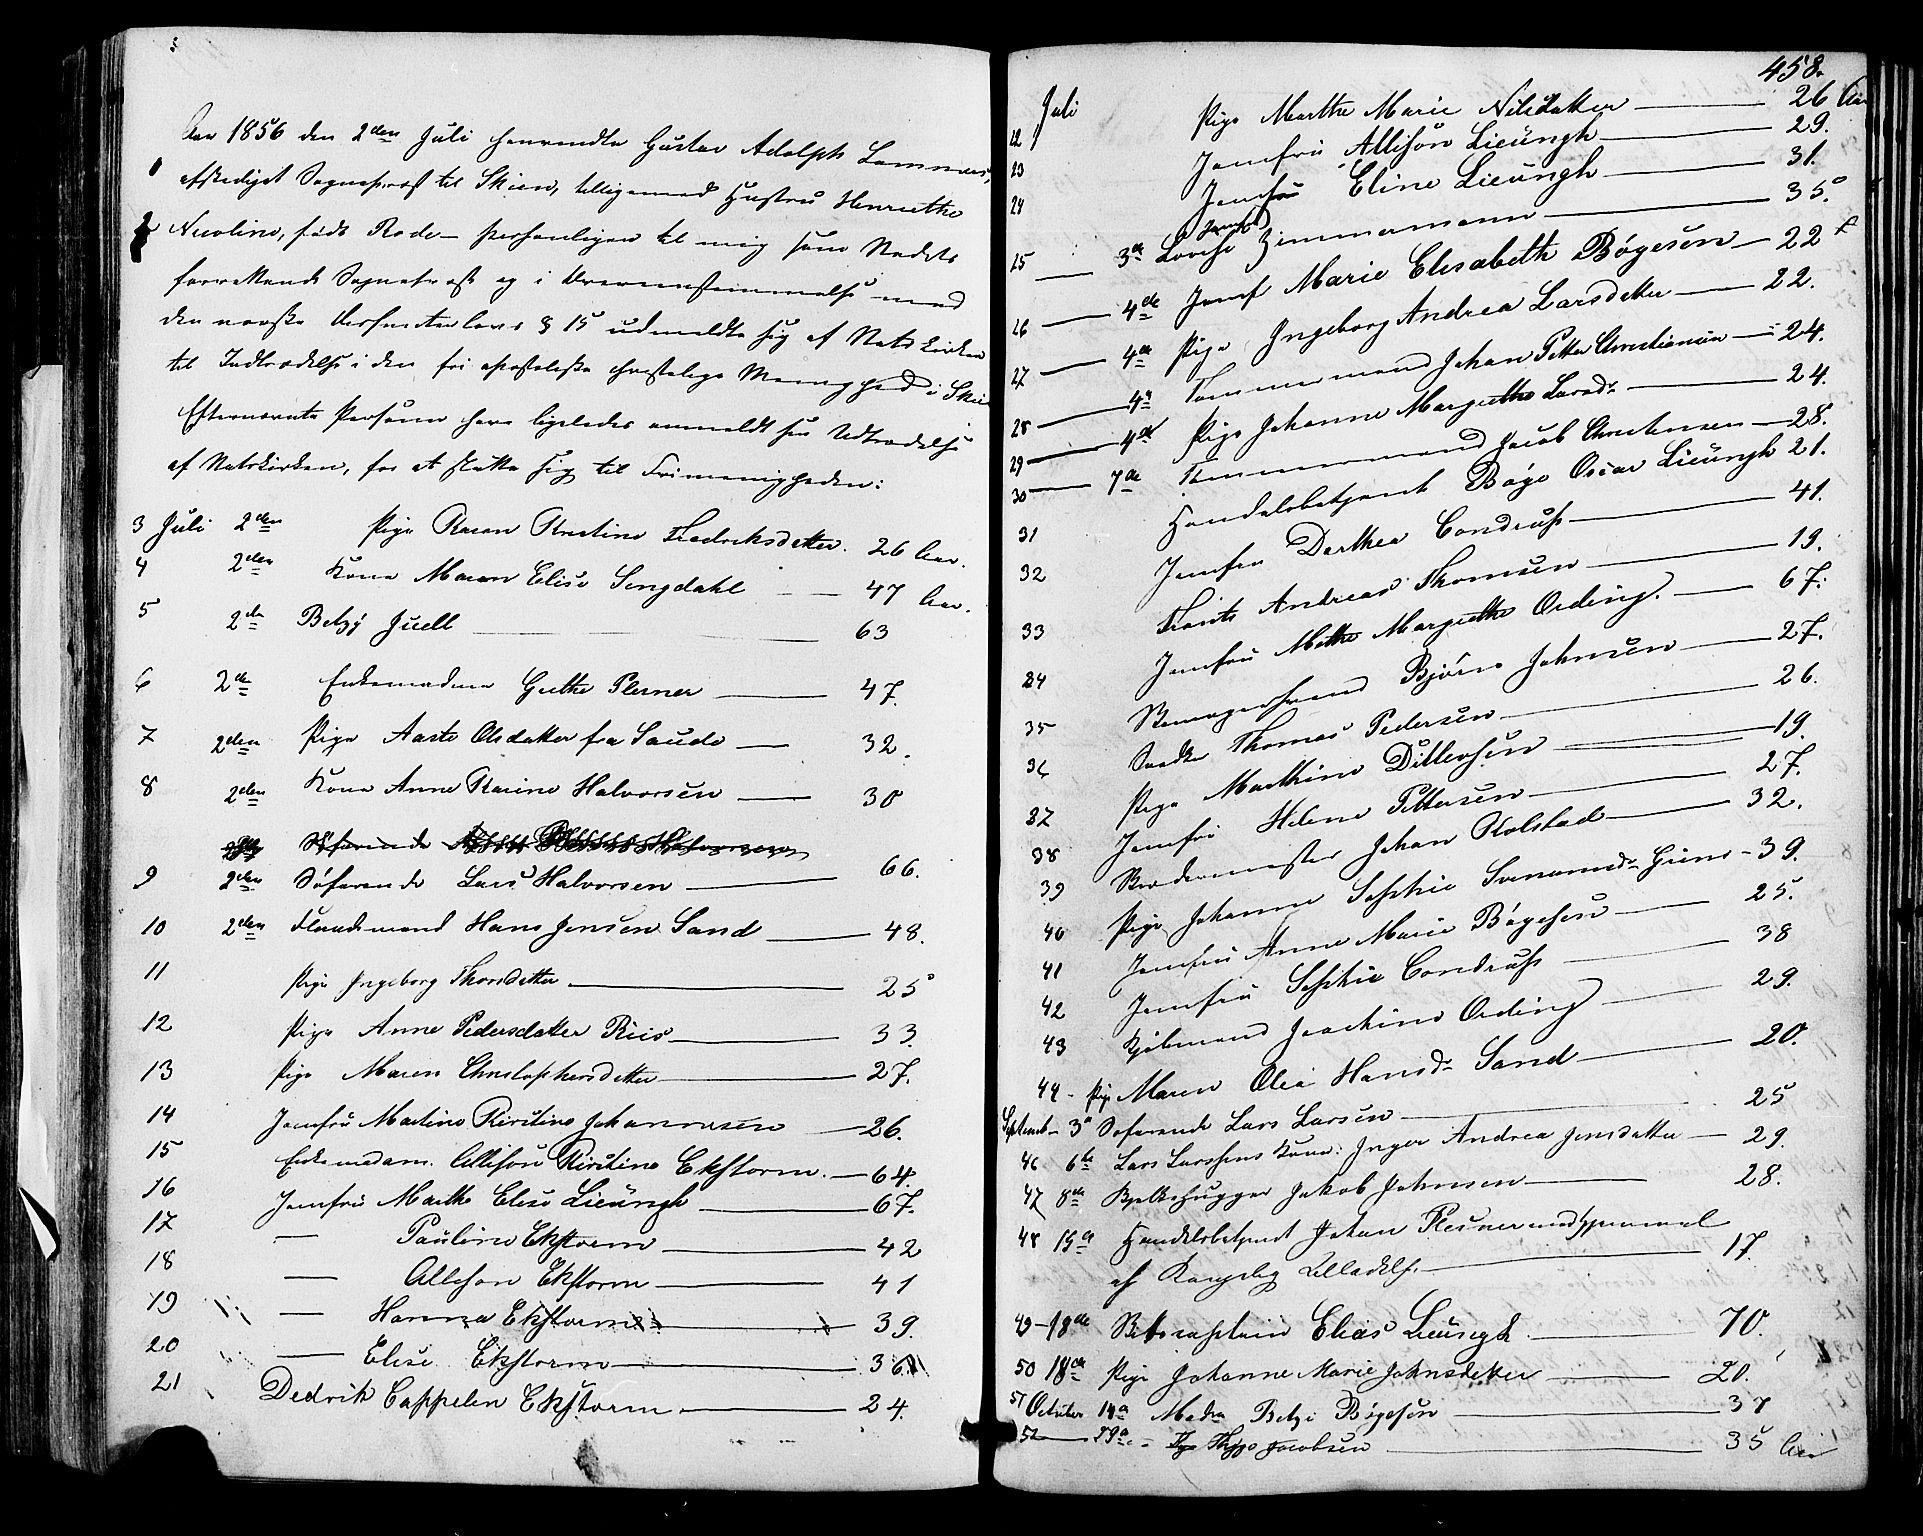 SAKO, Skien kirkebøker, F/Fa/L0007: Ministerialbok nr. 7, 1856-1865, s. 458